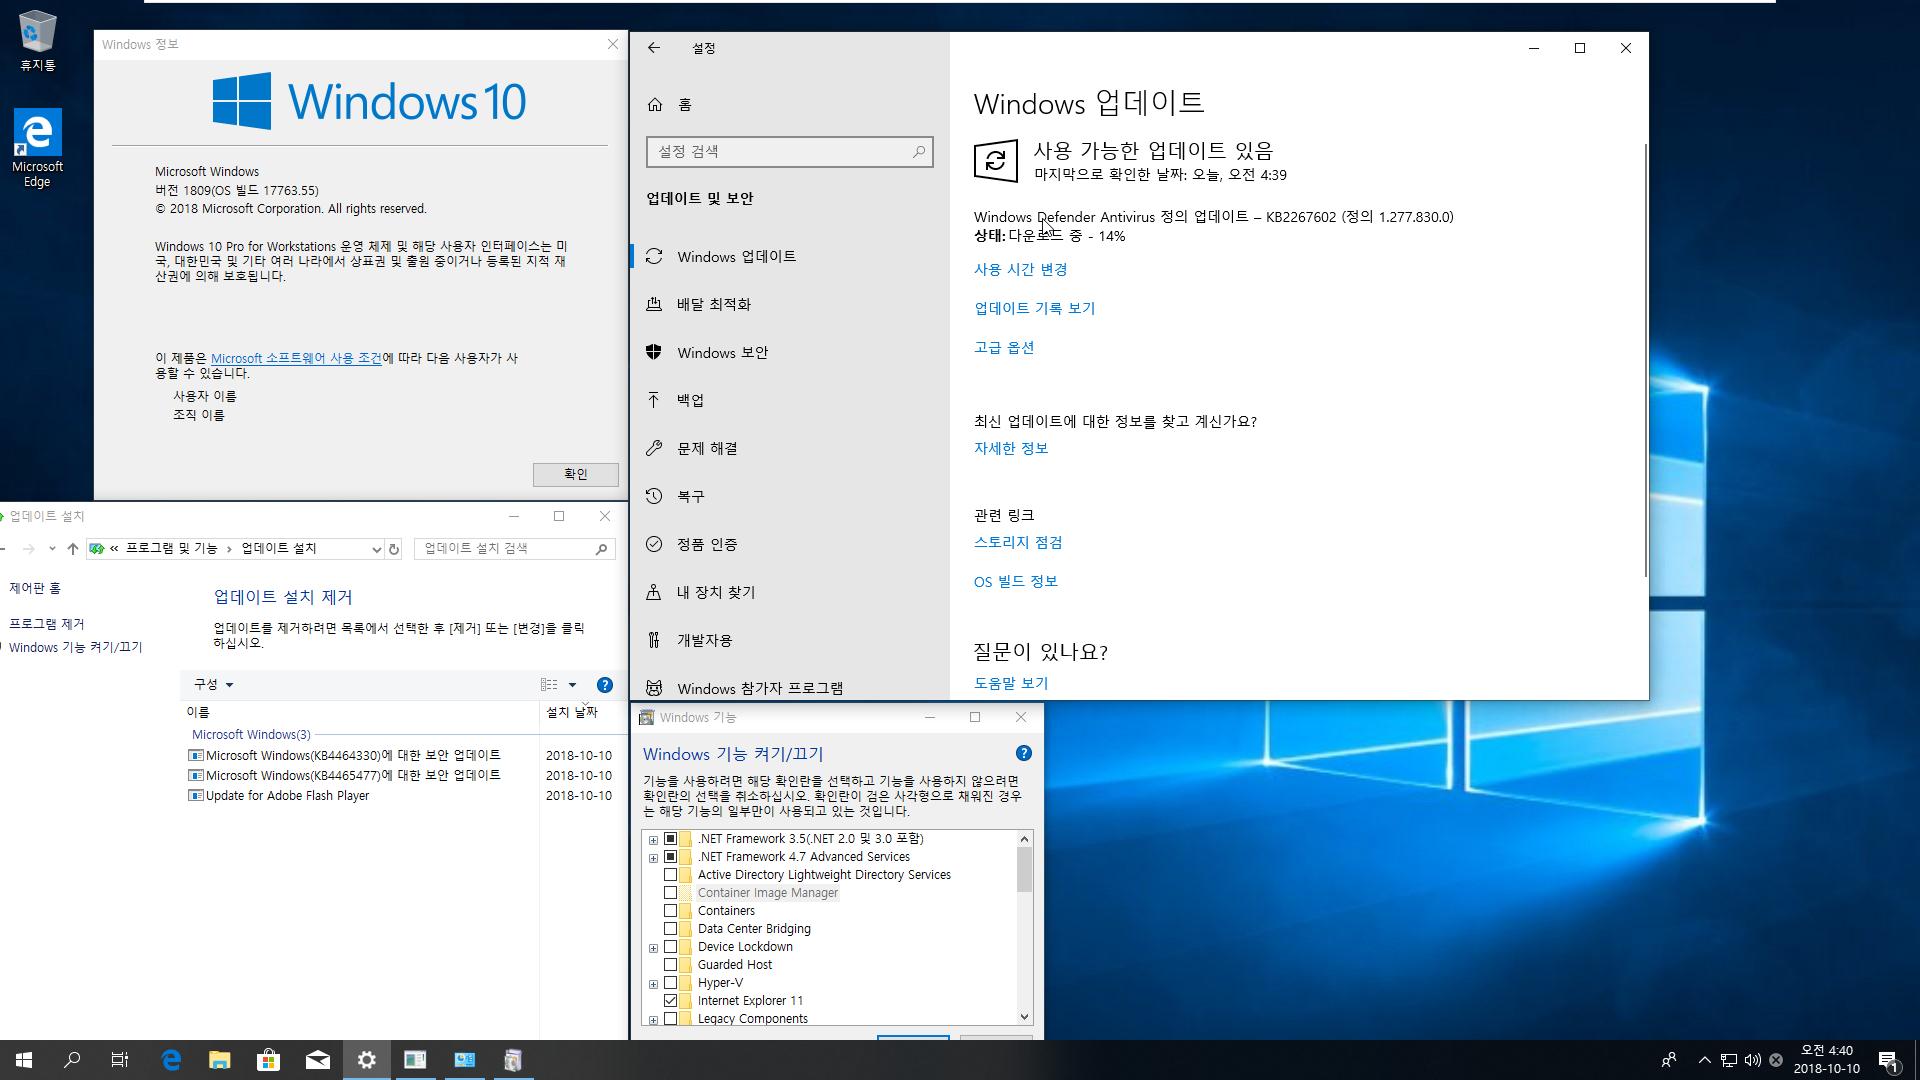 2018년 10월 10일 정기 업데이트 나왔네요 - Windows 10 버전1809 누적 업데이트 KB4464330 (OS 빌드 17763.55) 통합중 입니다 2018-10-10_044006.png